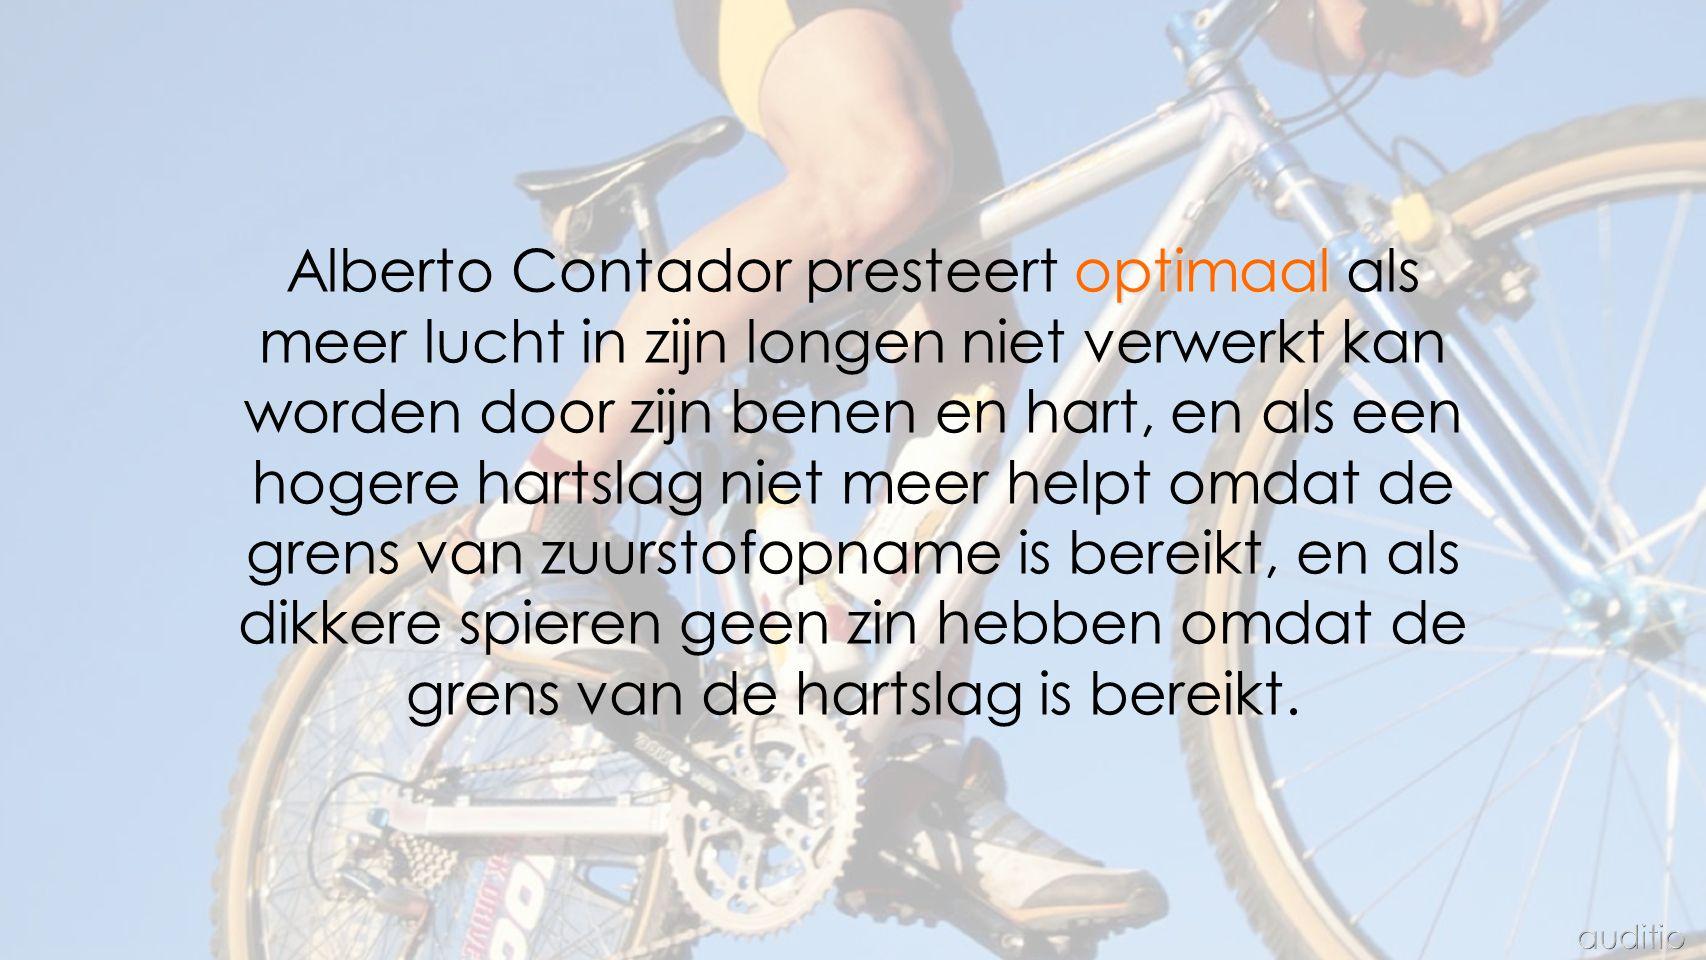 optimaal Alberto Contador presteert optimaal als meer lucht in zijn longen niet verwerkt kan worden door zijn benen en hart, en als een hogere hartslag niet meer helpt omdat de grens van zuurstofopname is bereikt, en als dikkere spieren geen zin hebben omdat de grens van de hartslag is bereikt.